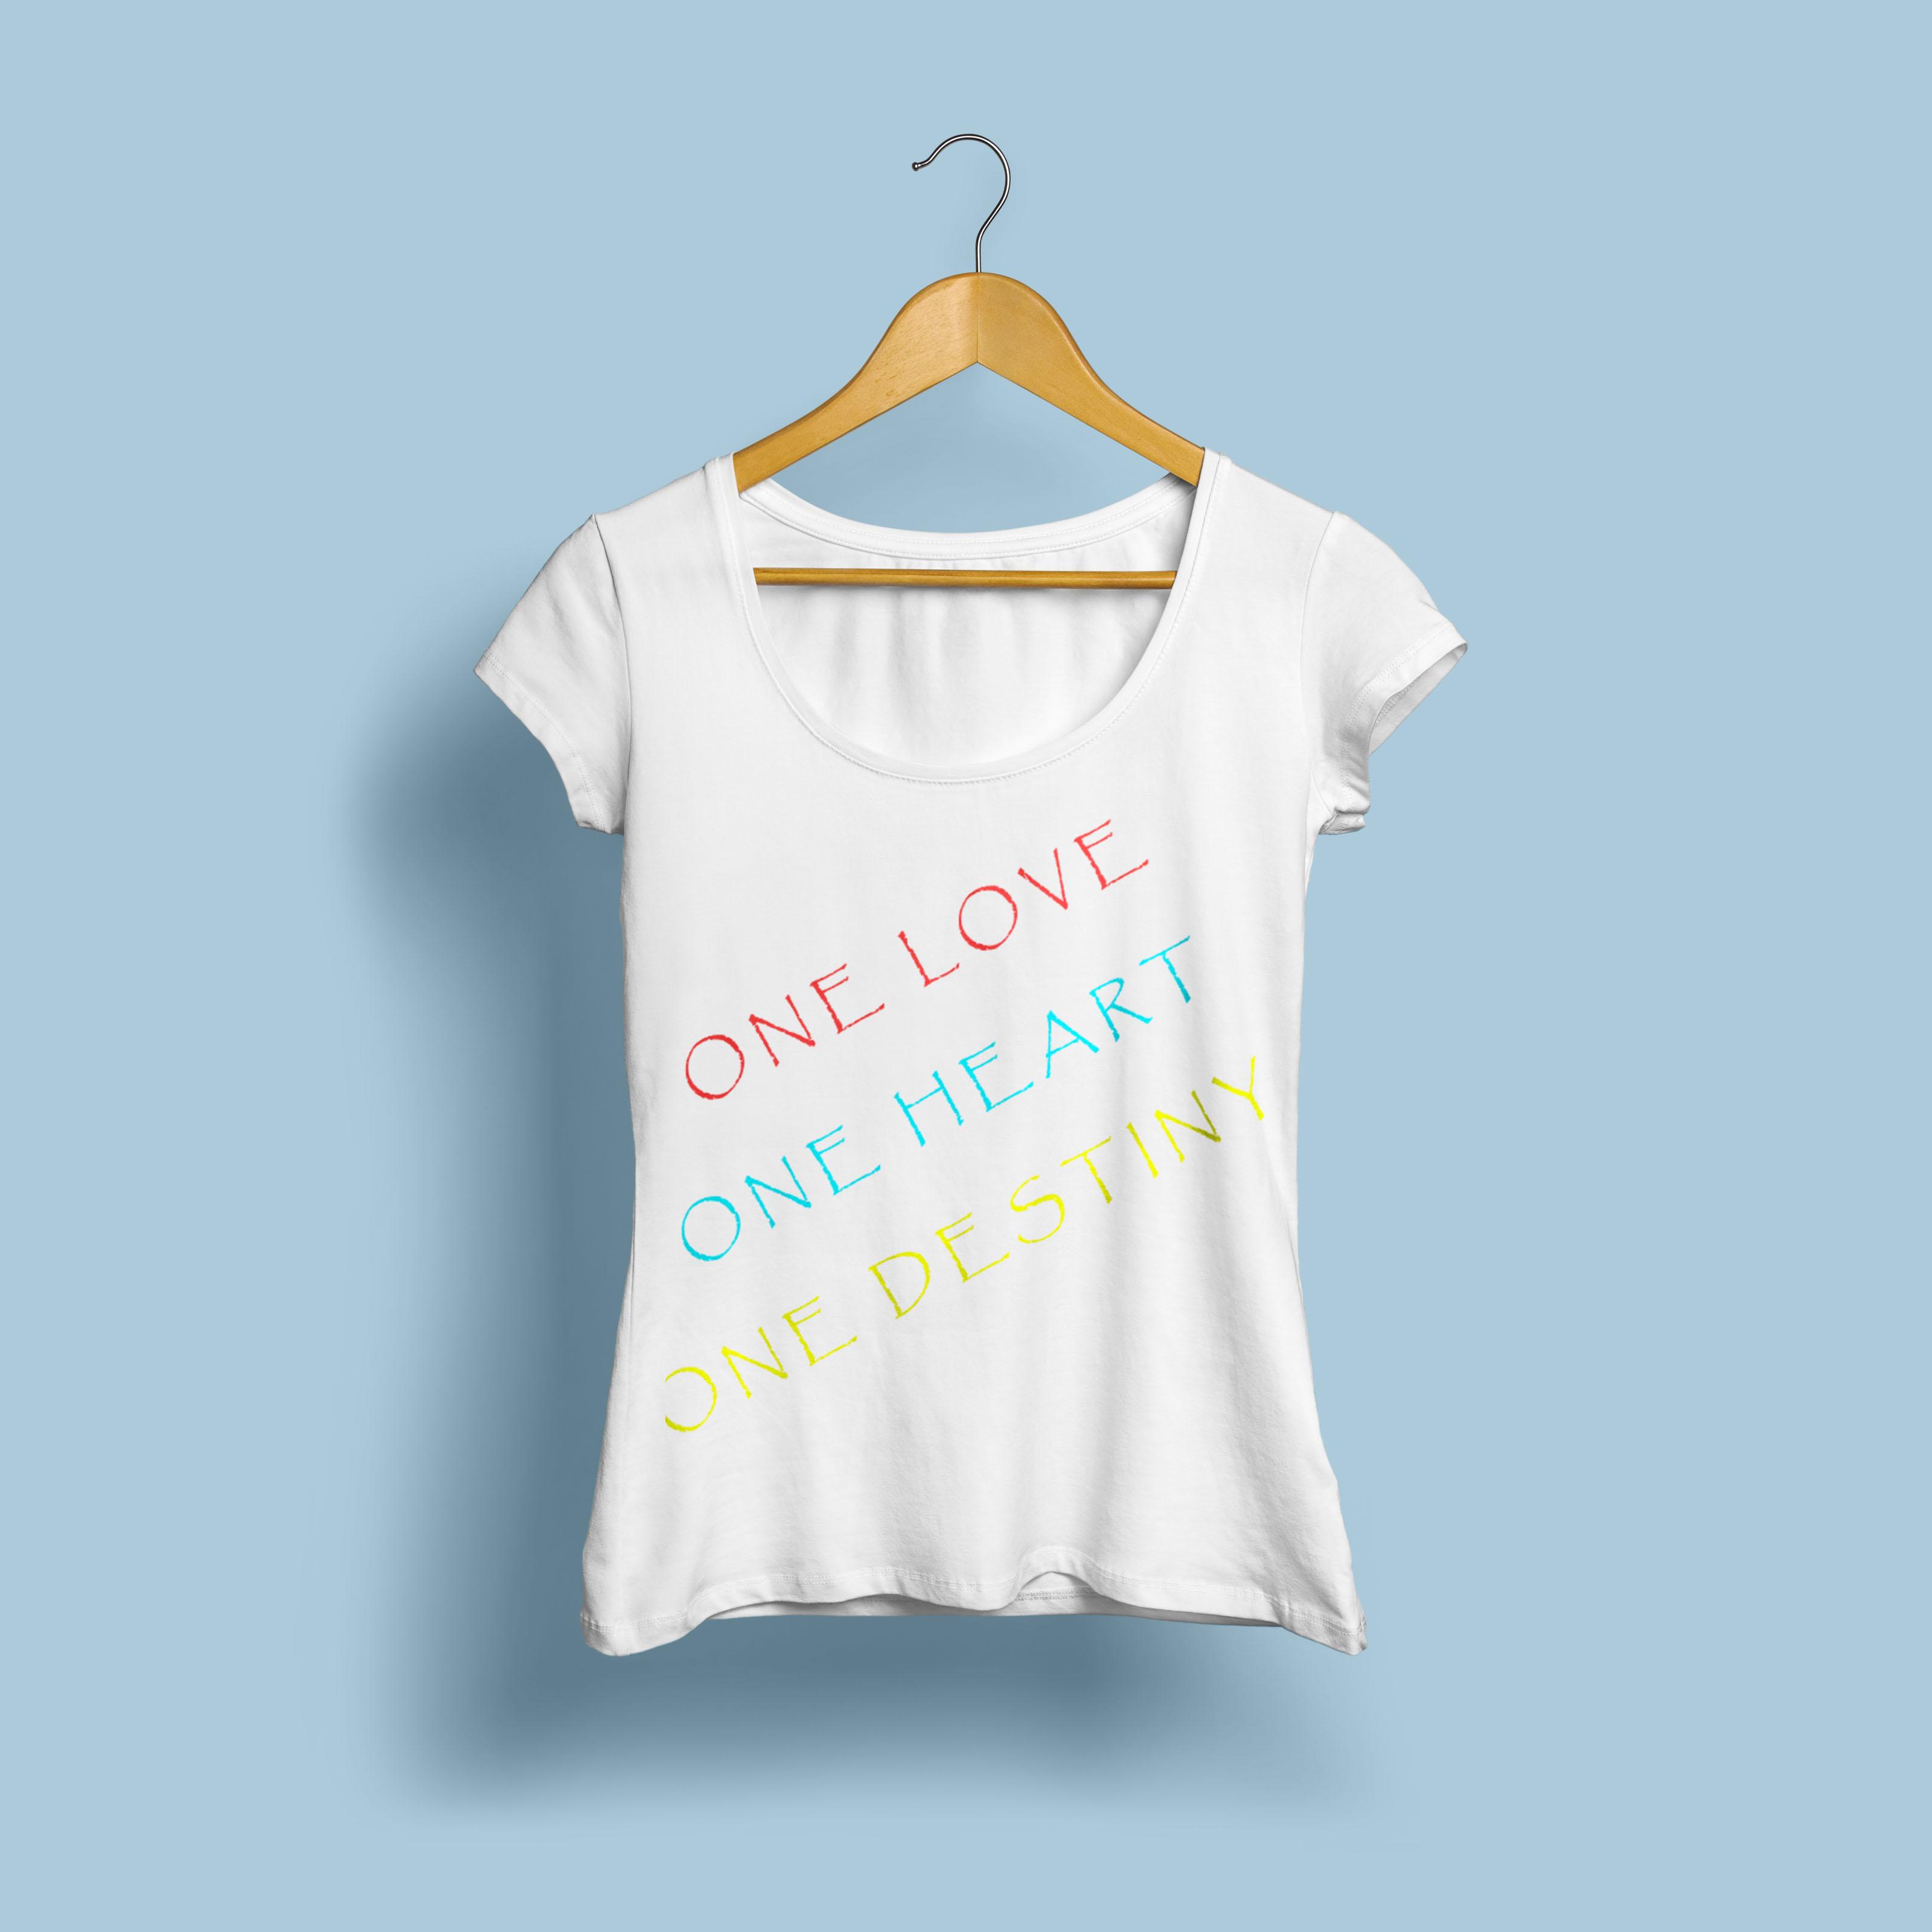 Придумать надпись на футболки на английском языке. Тематика  фото f_5585cae0c737ef1f.jpg